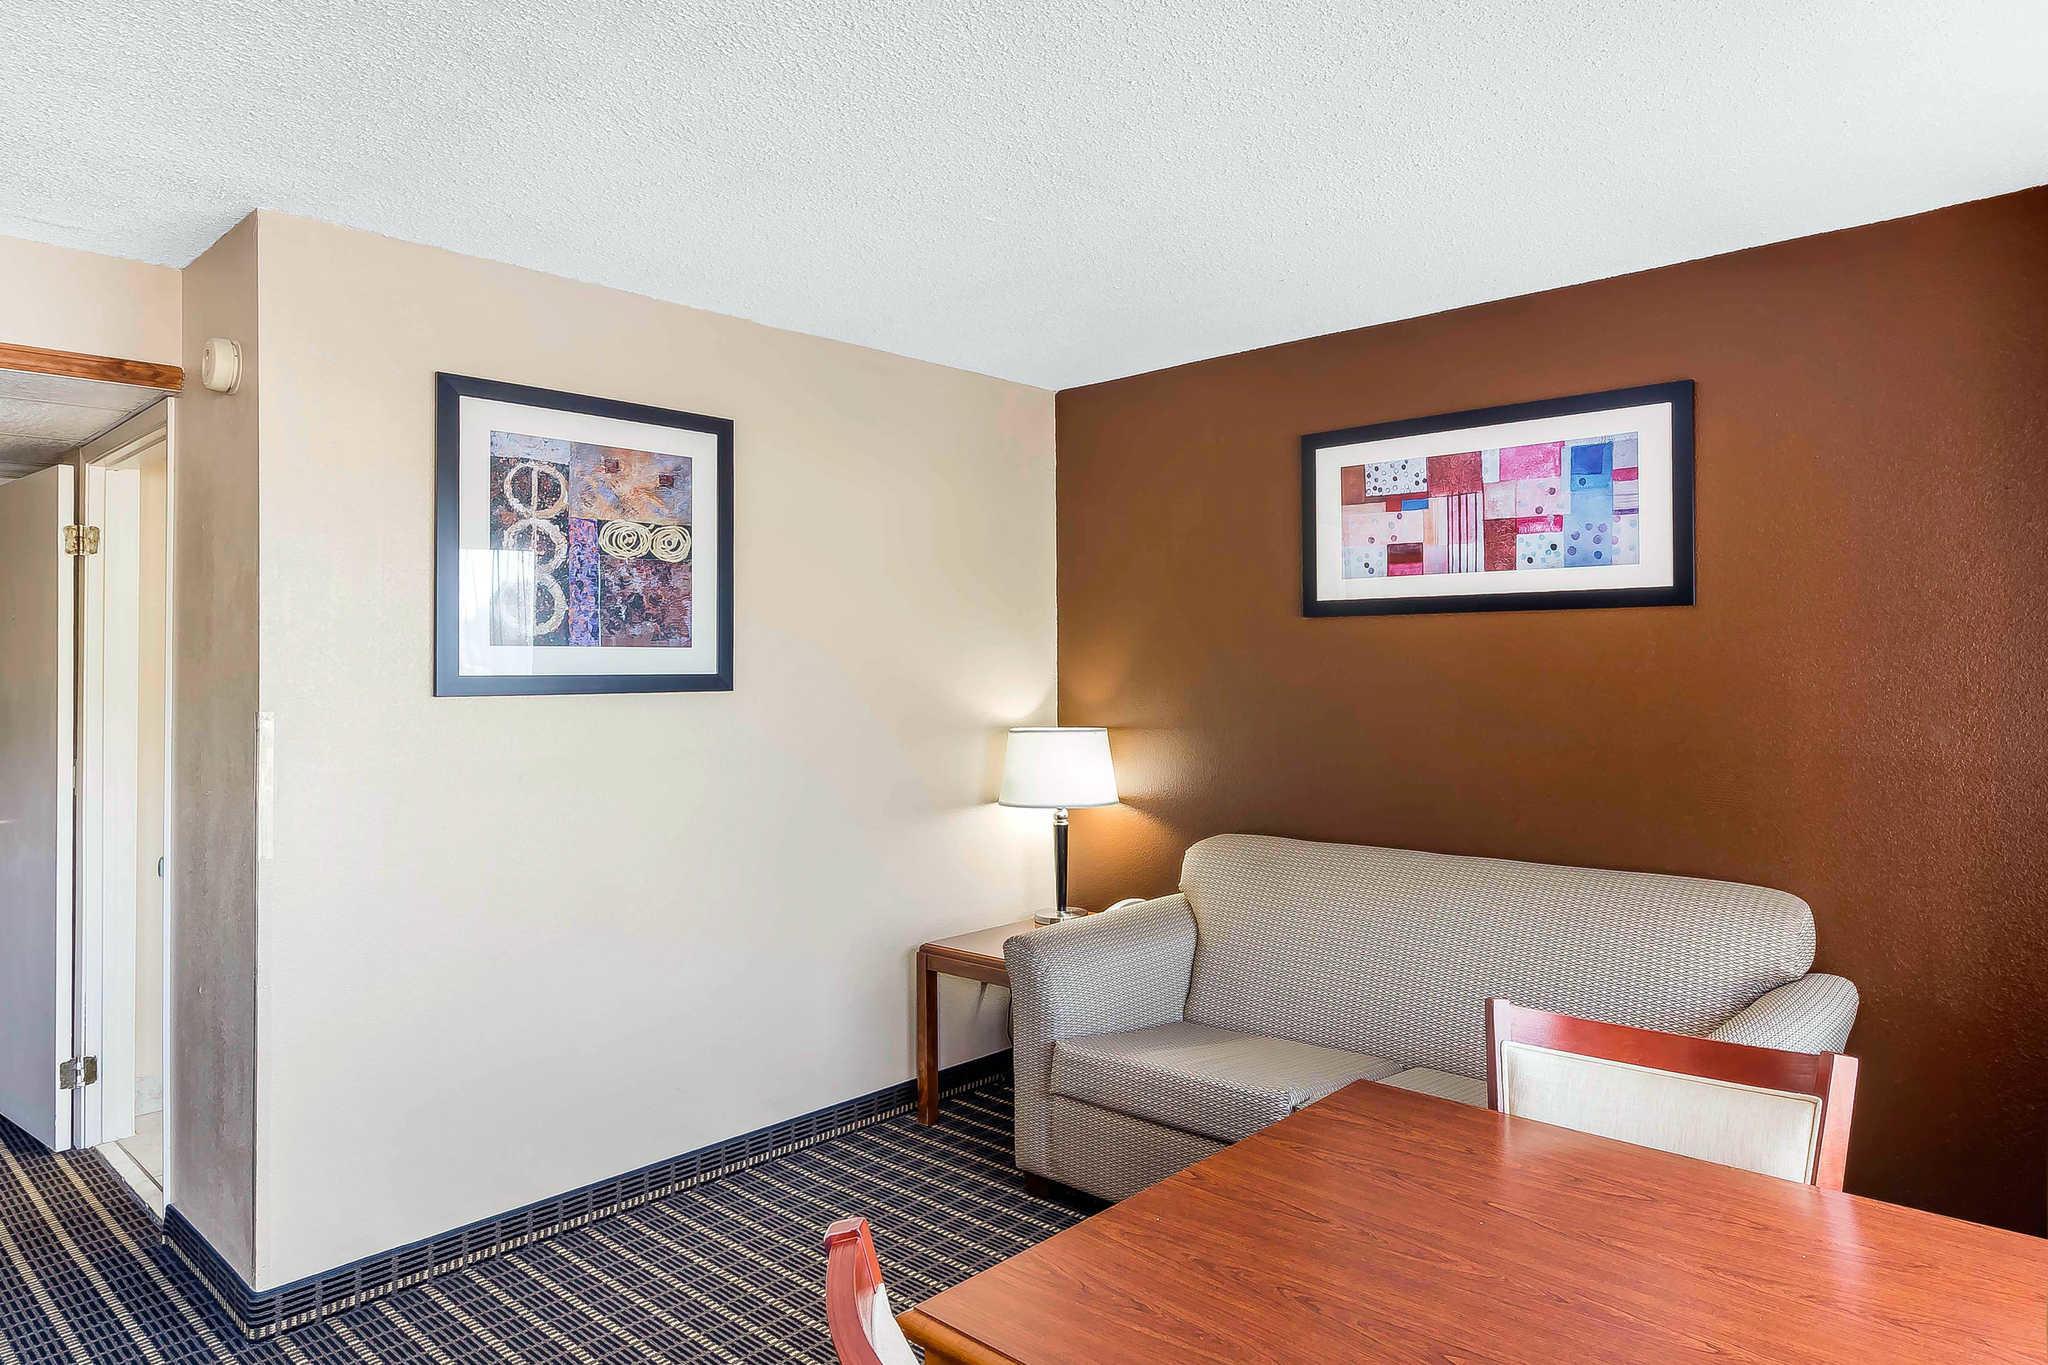 Quality Inn & Suites River Suites image 12